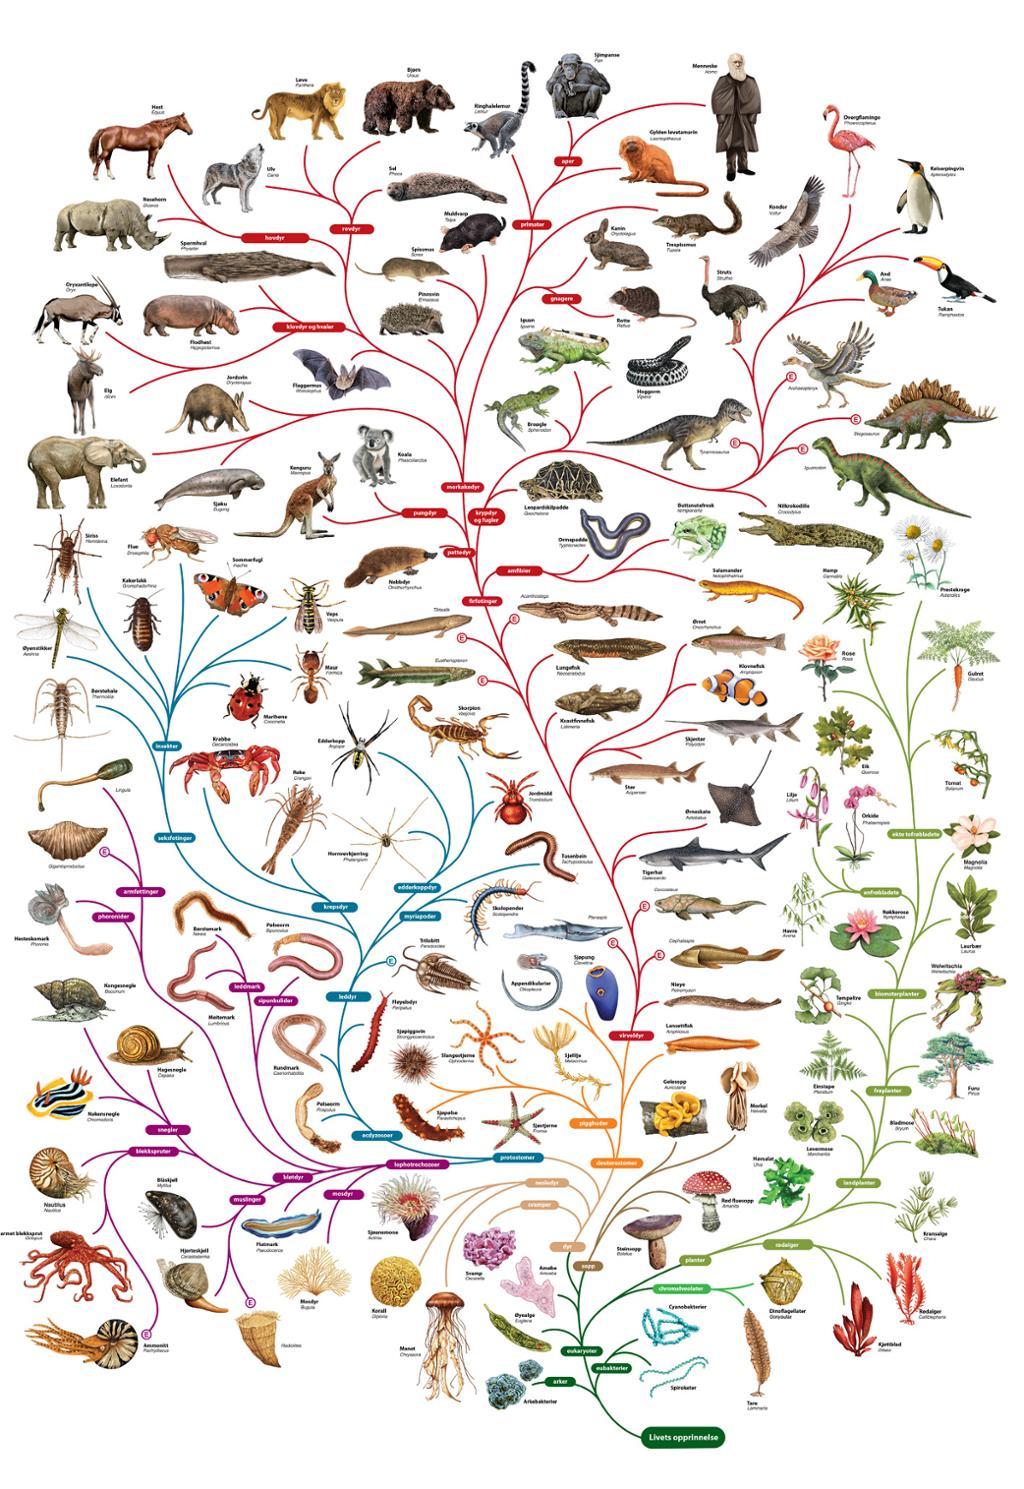 Plansje som viser slektskapet mellom grupper av organismer gjennom evolusjonen. Grafikk